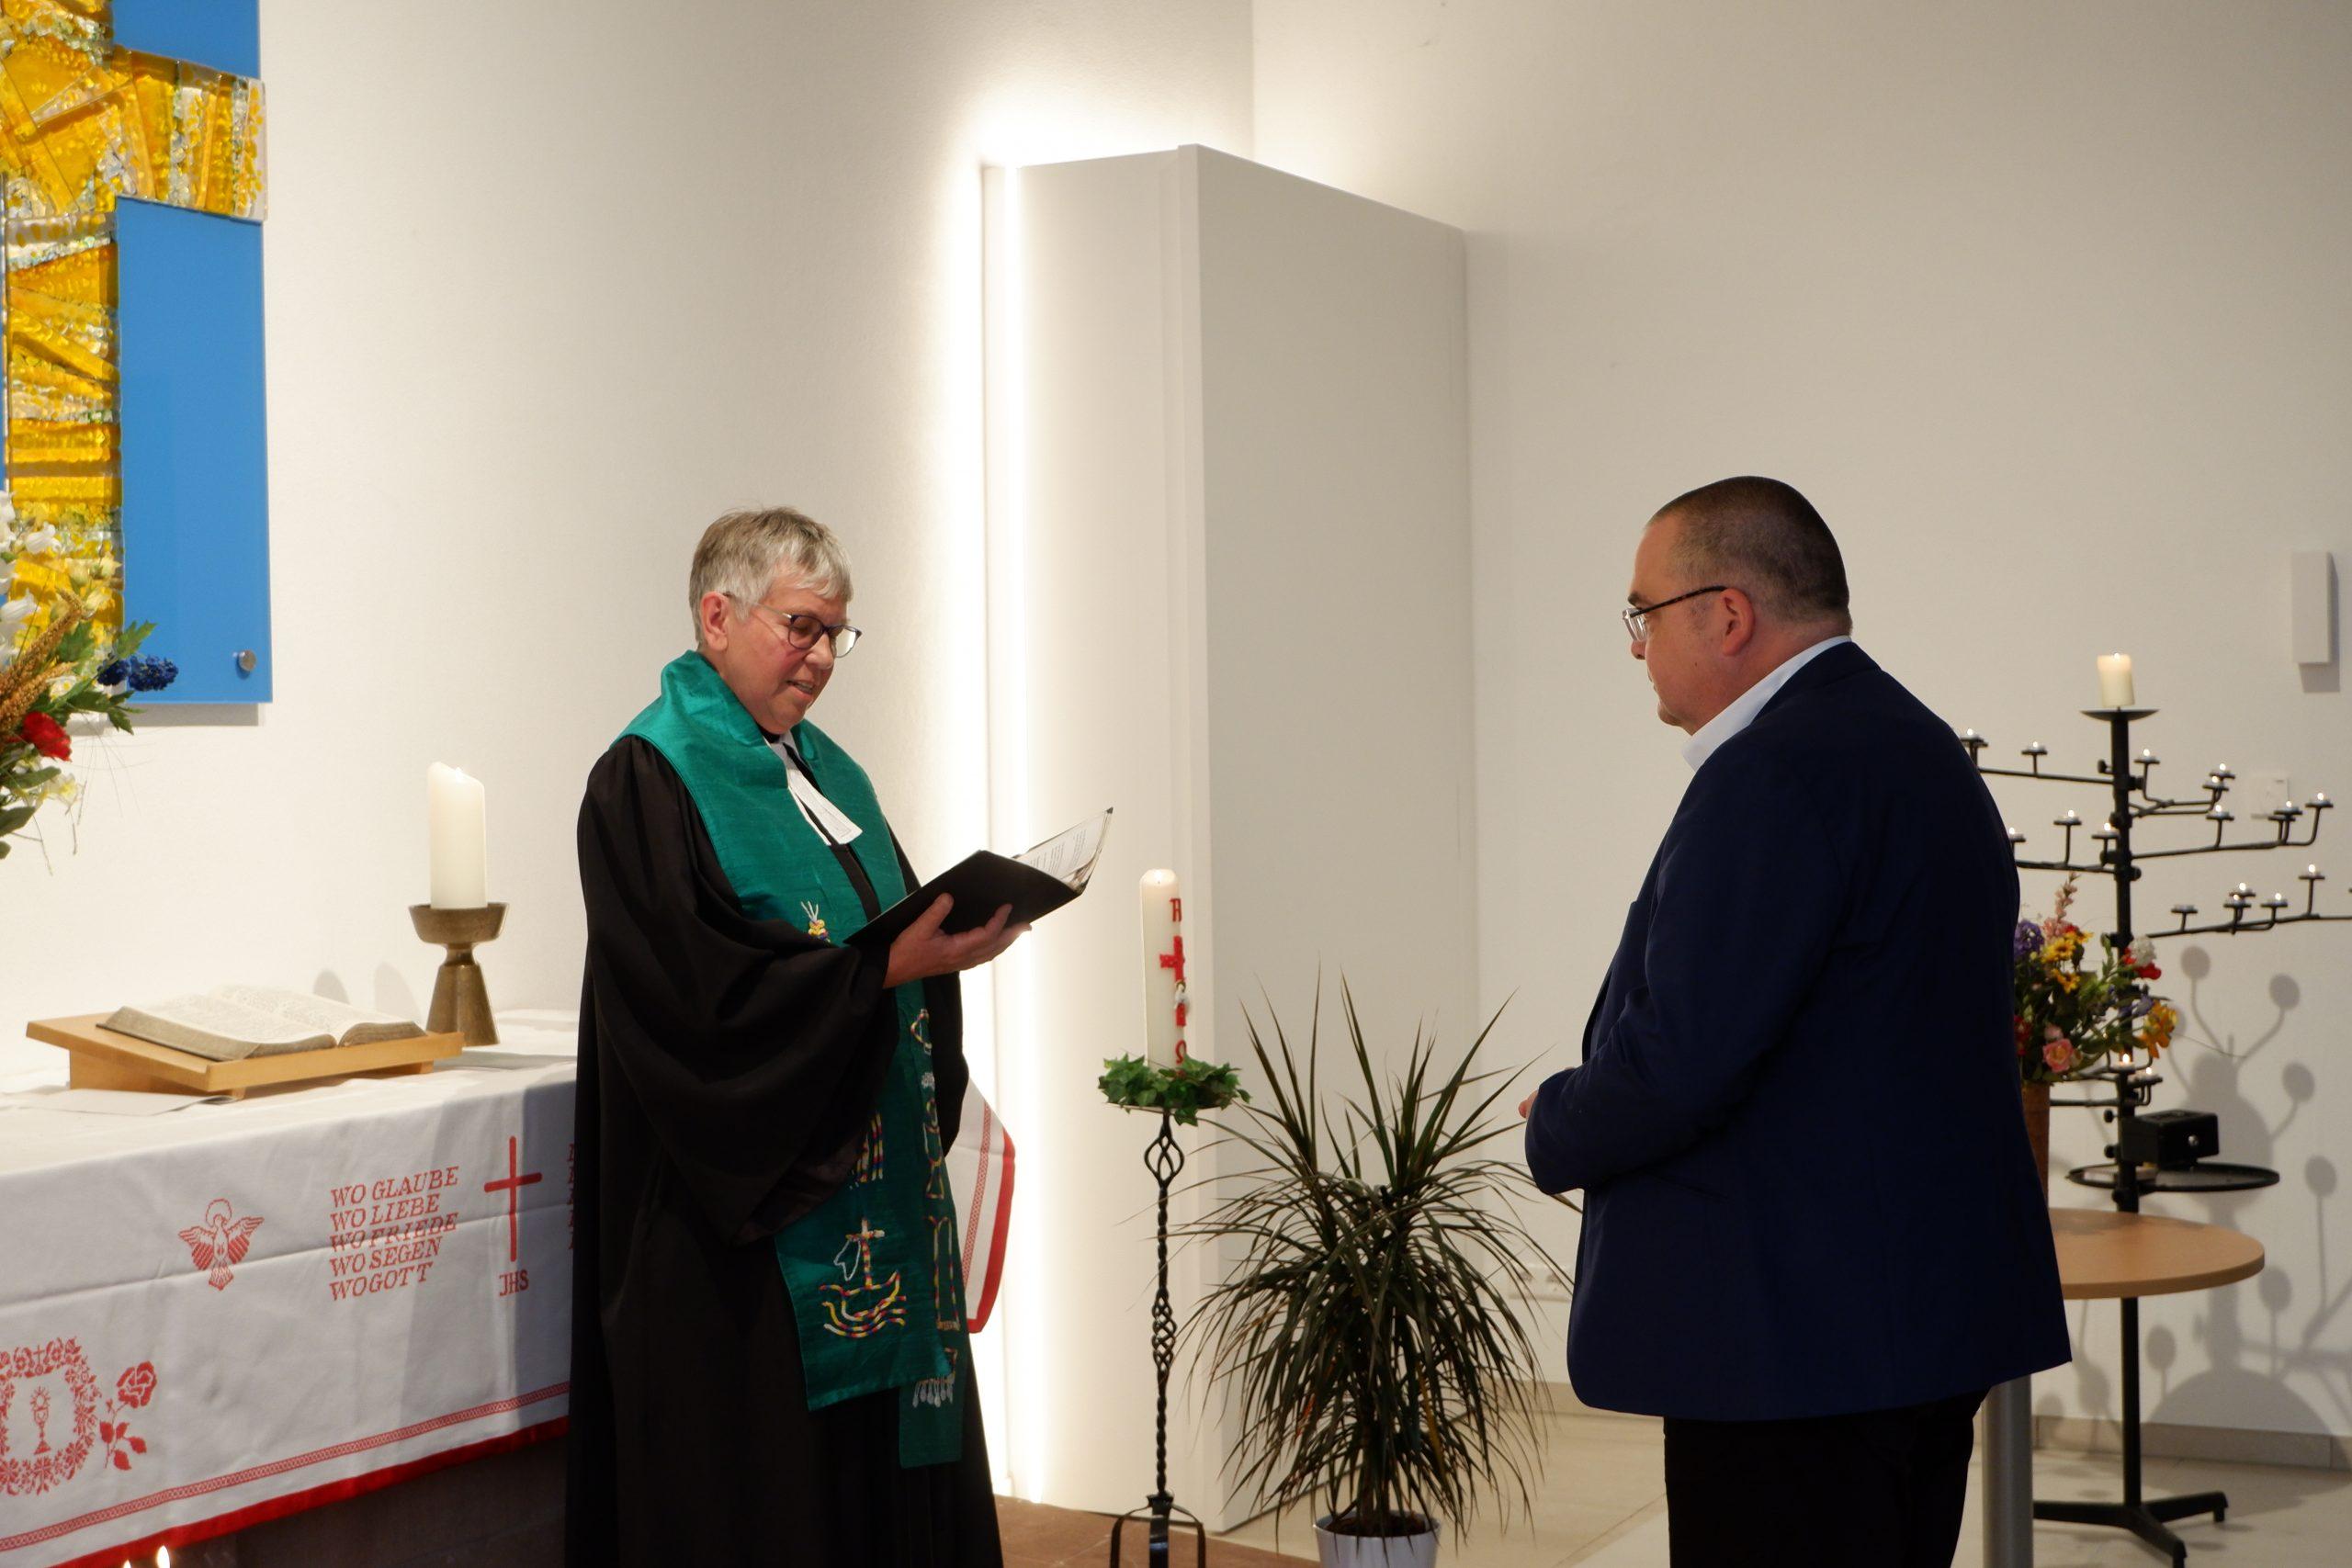 Konferenz der Leitungskräfte im Evangelischen Stift Freiburg